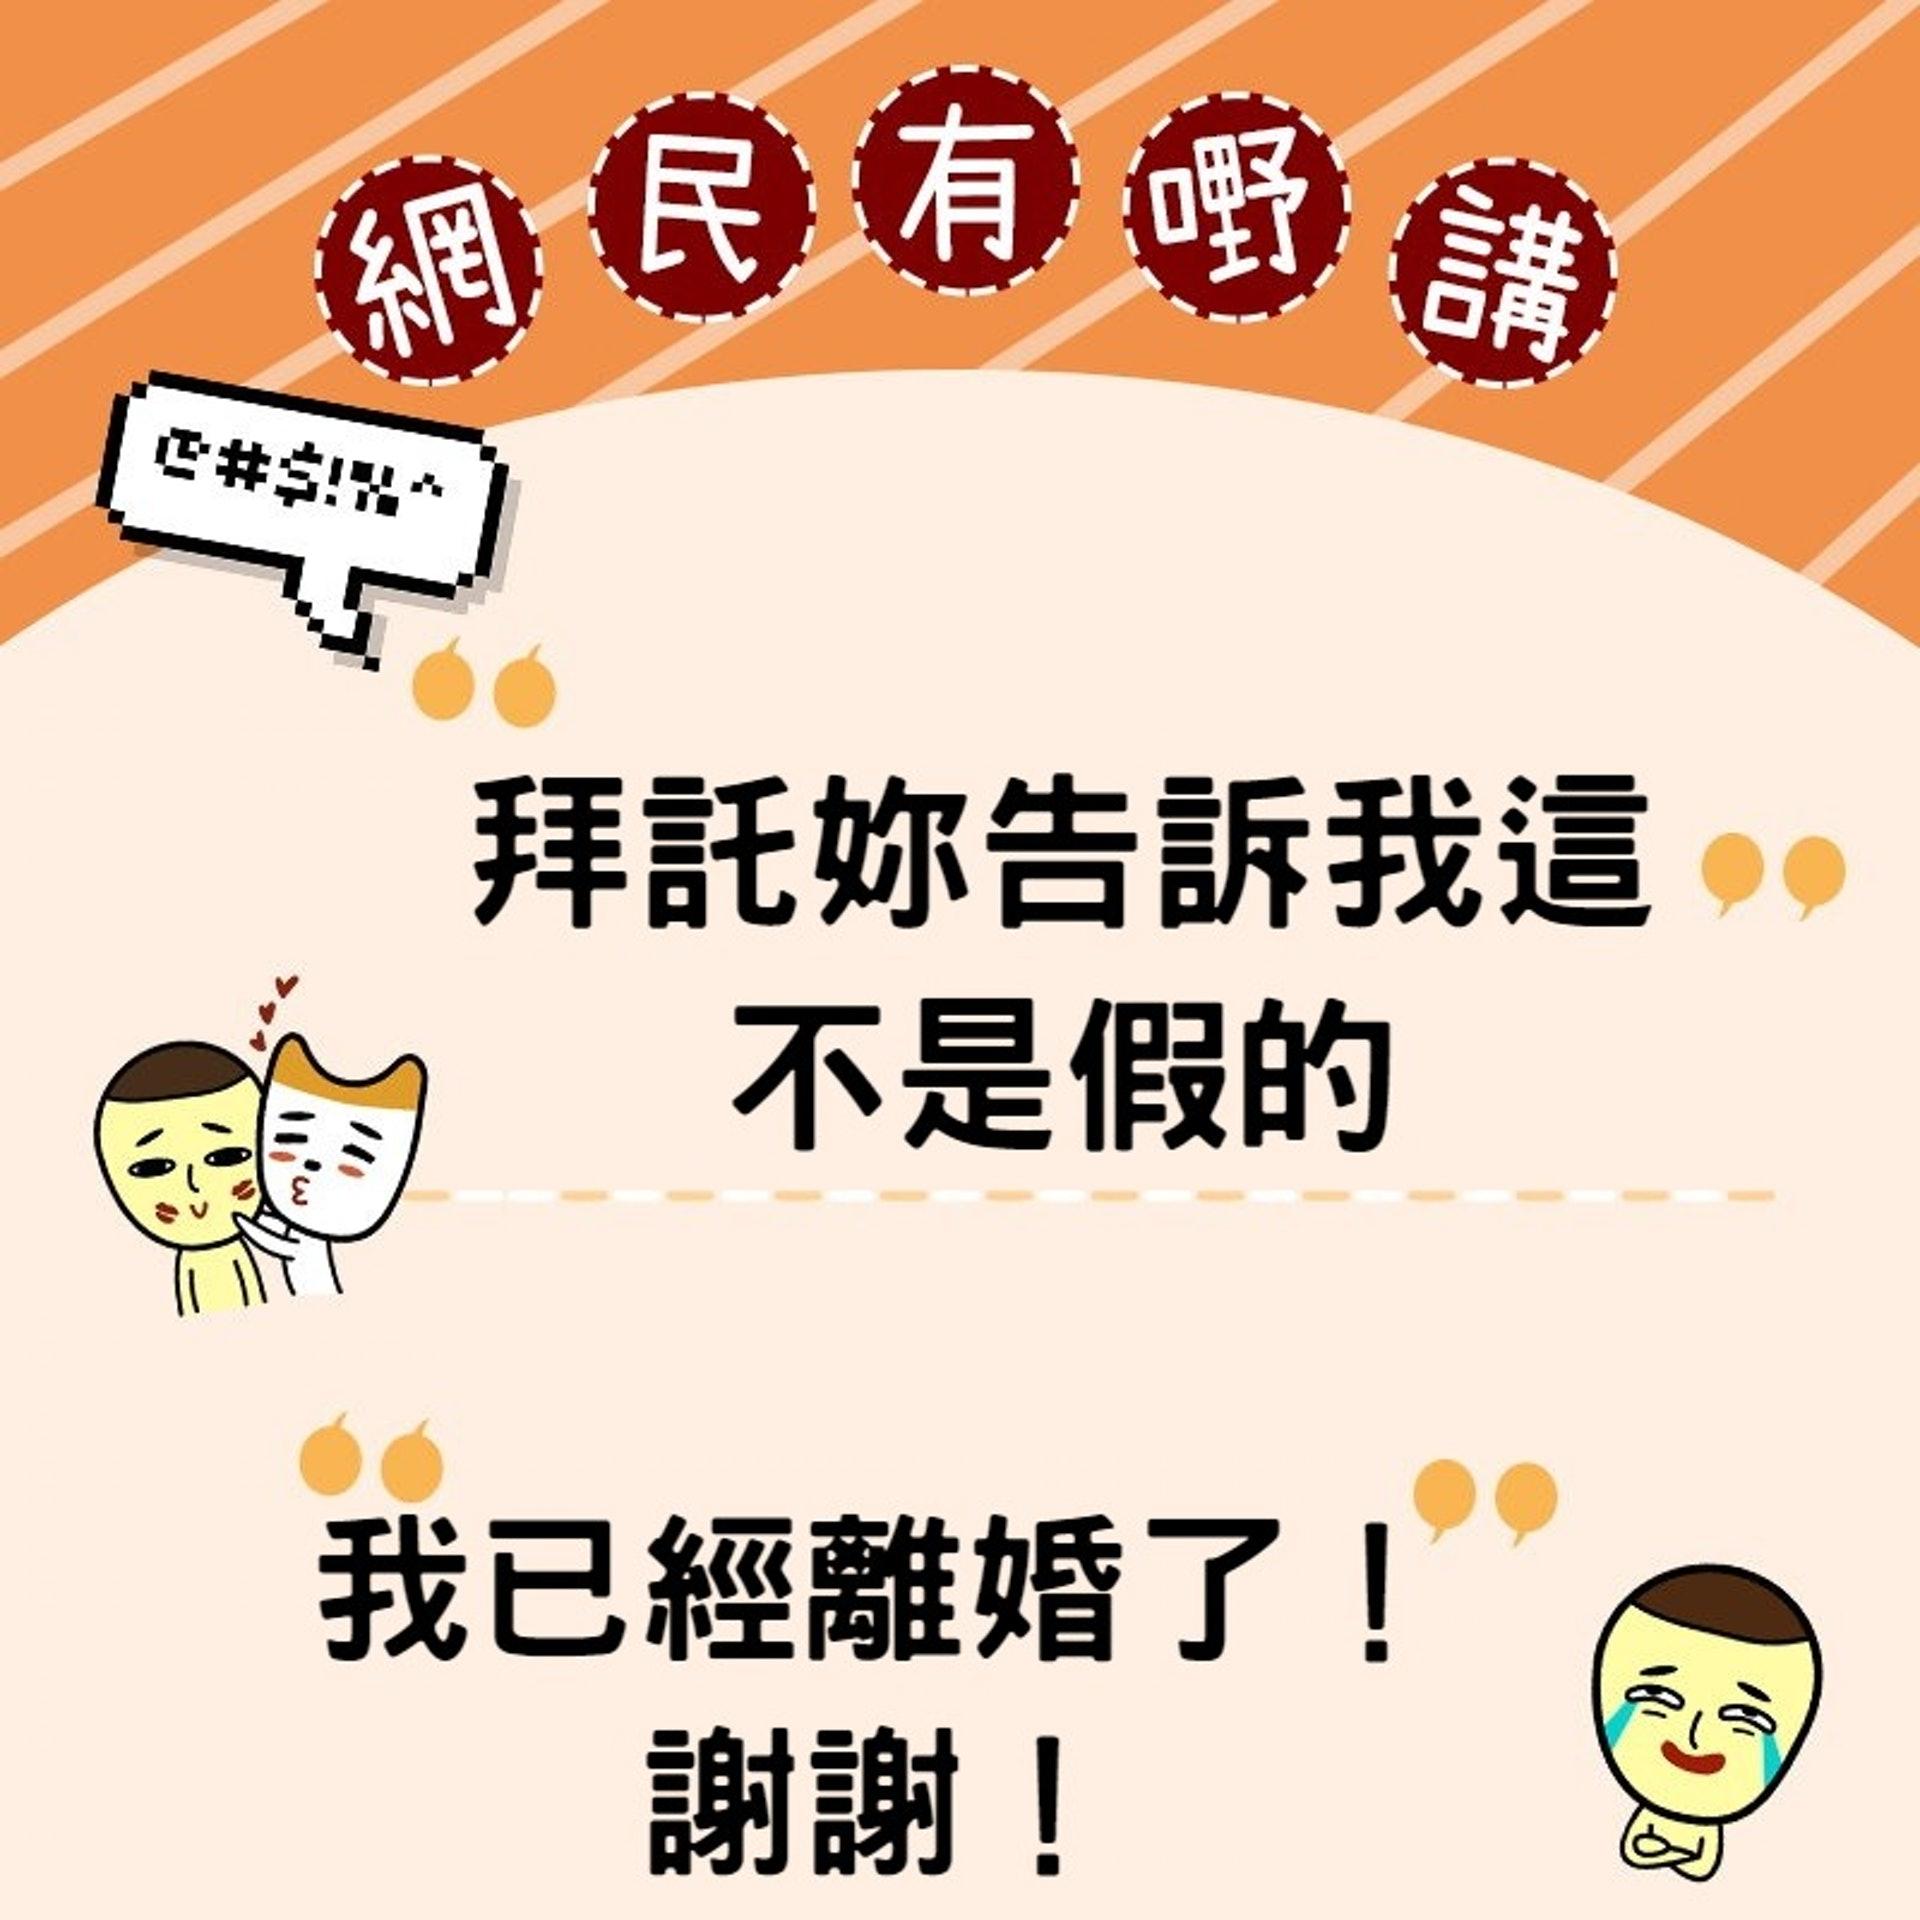 「拜託妳告訴我這不是假的」,「我已經離婚了!謝謝!」(香港01製圖)